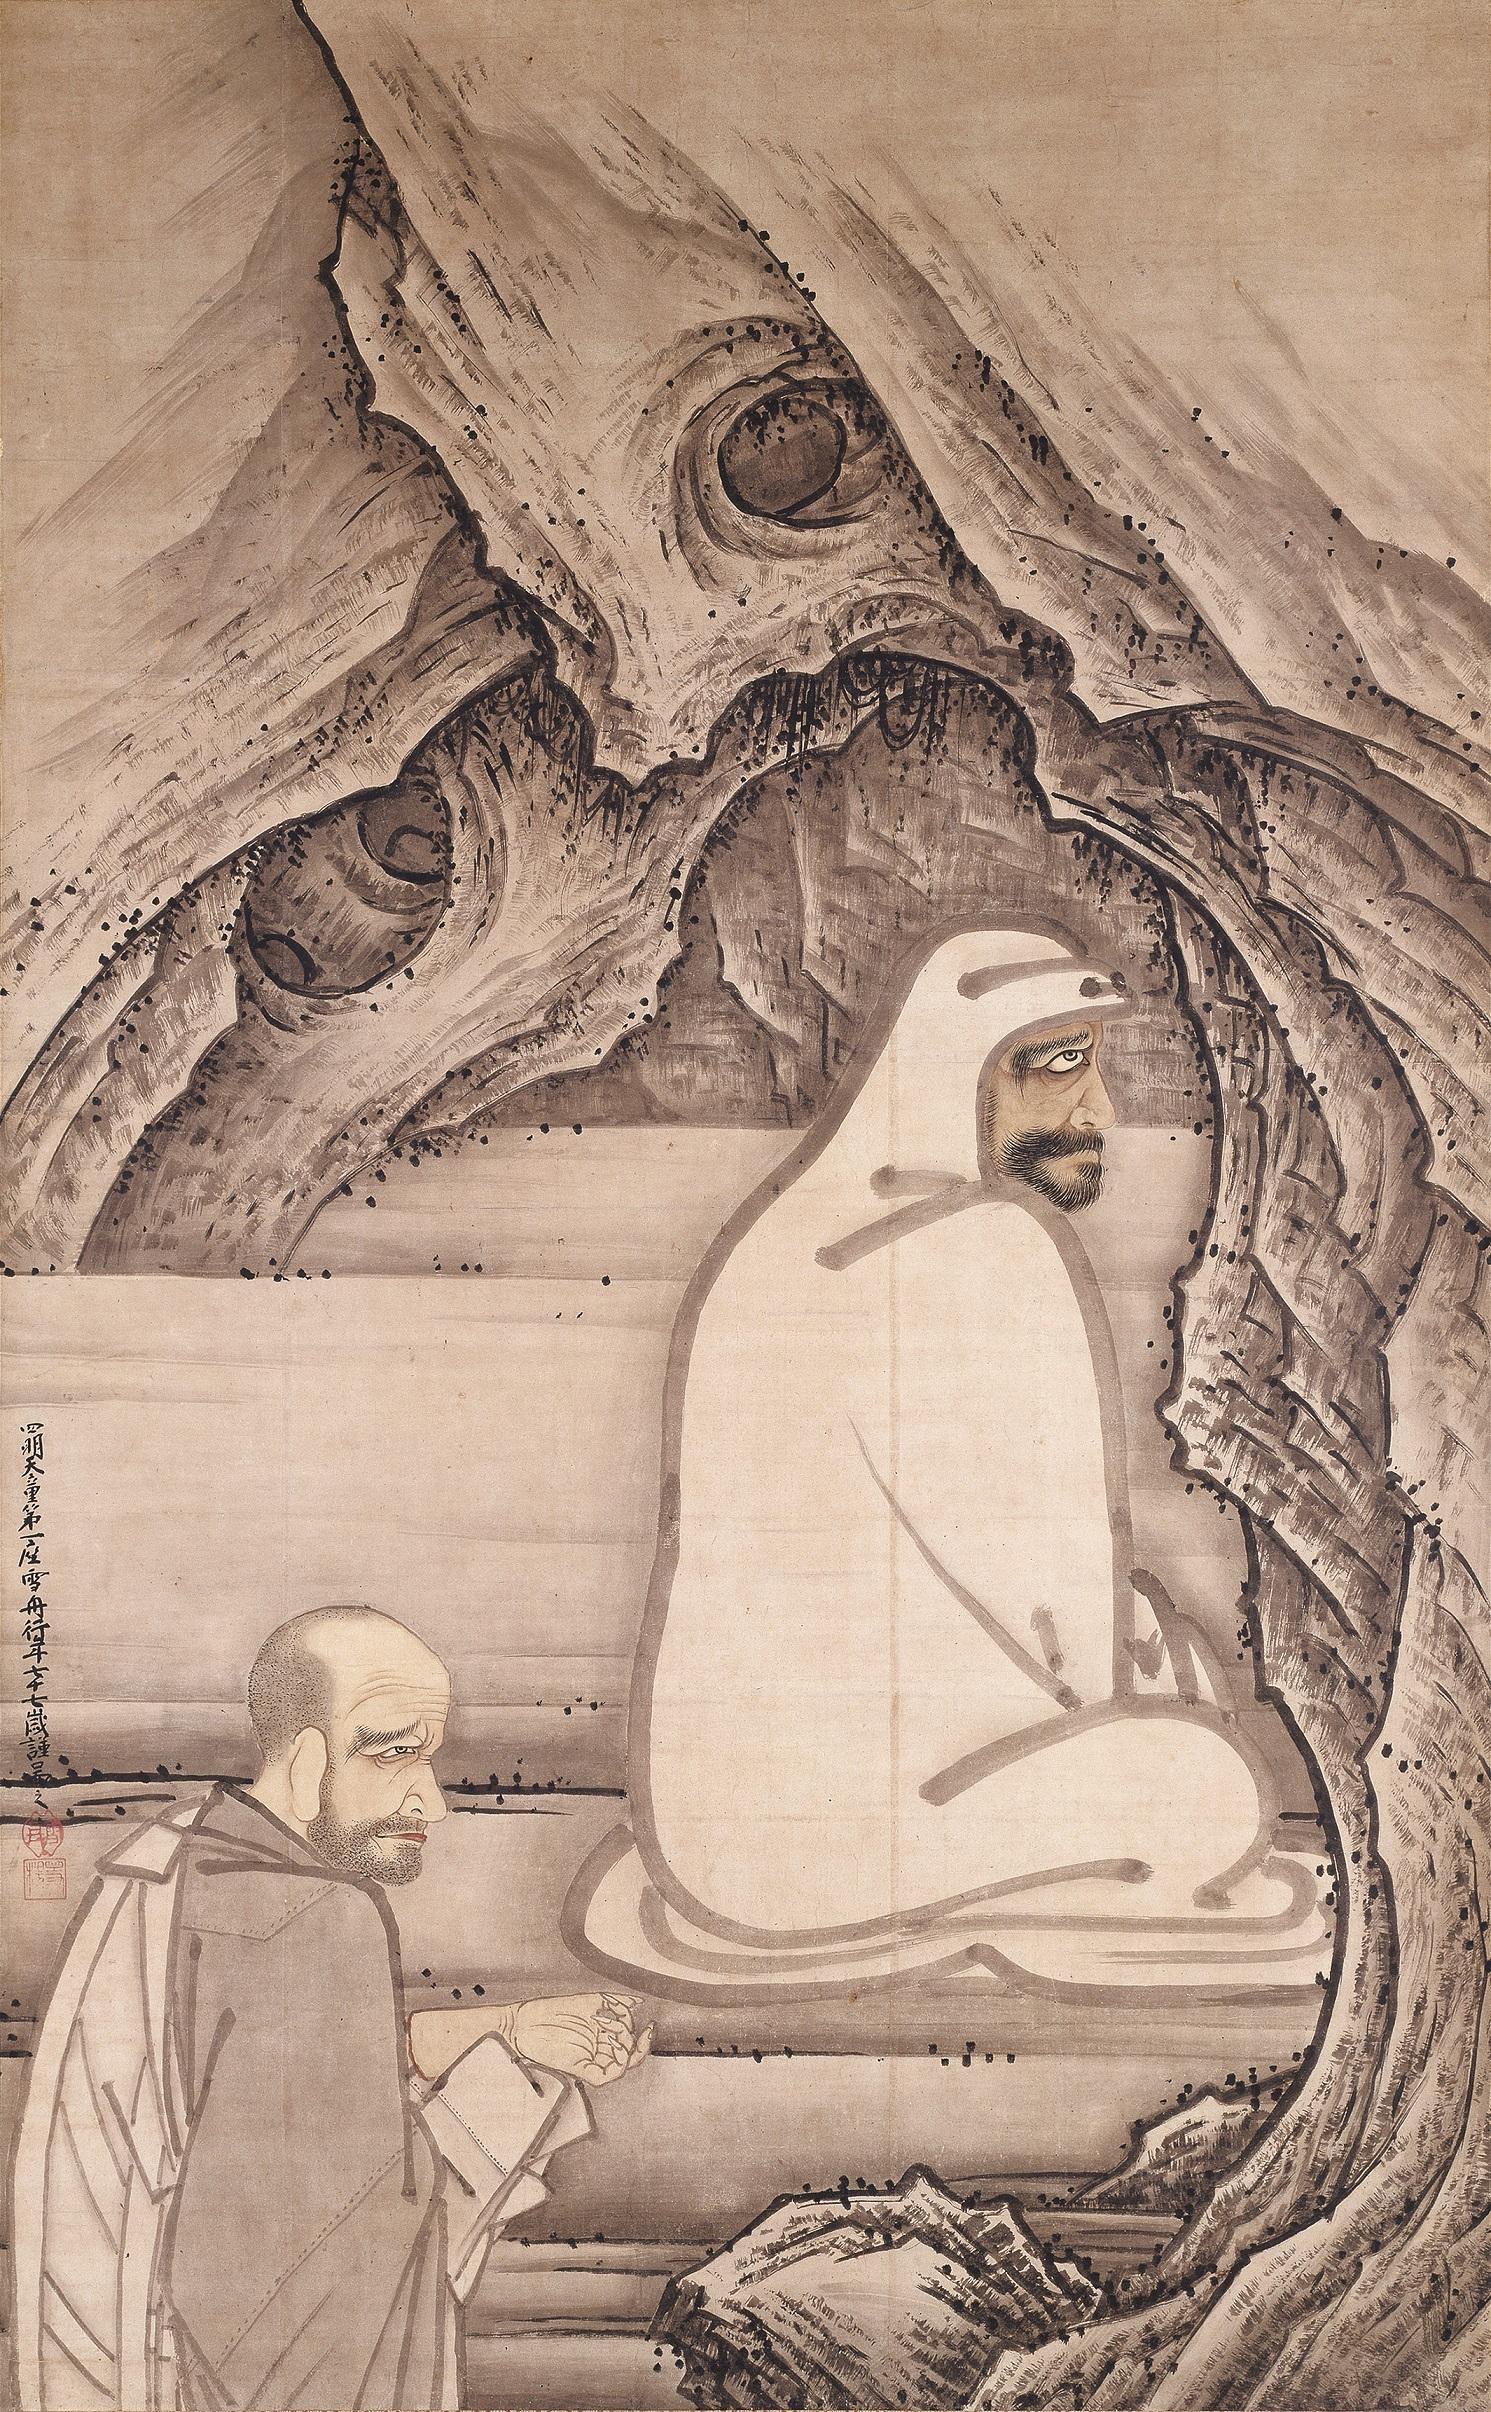 国宝 慧可断臂図 雪舟等楊筆 室町時代 明応5年(1496) 愛知・齊年寺蔵 (11/8~11/27展示)